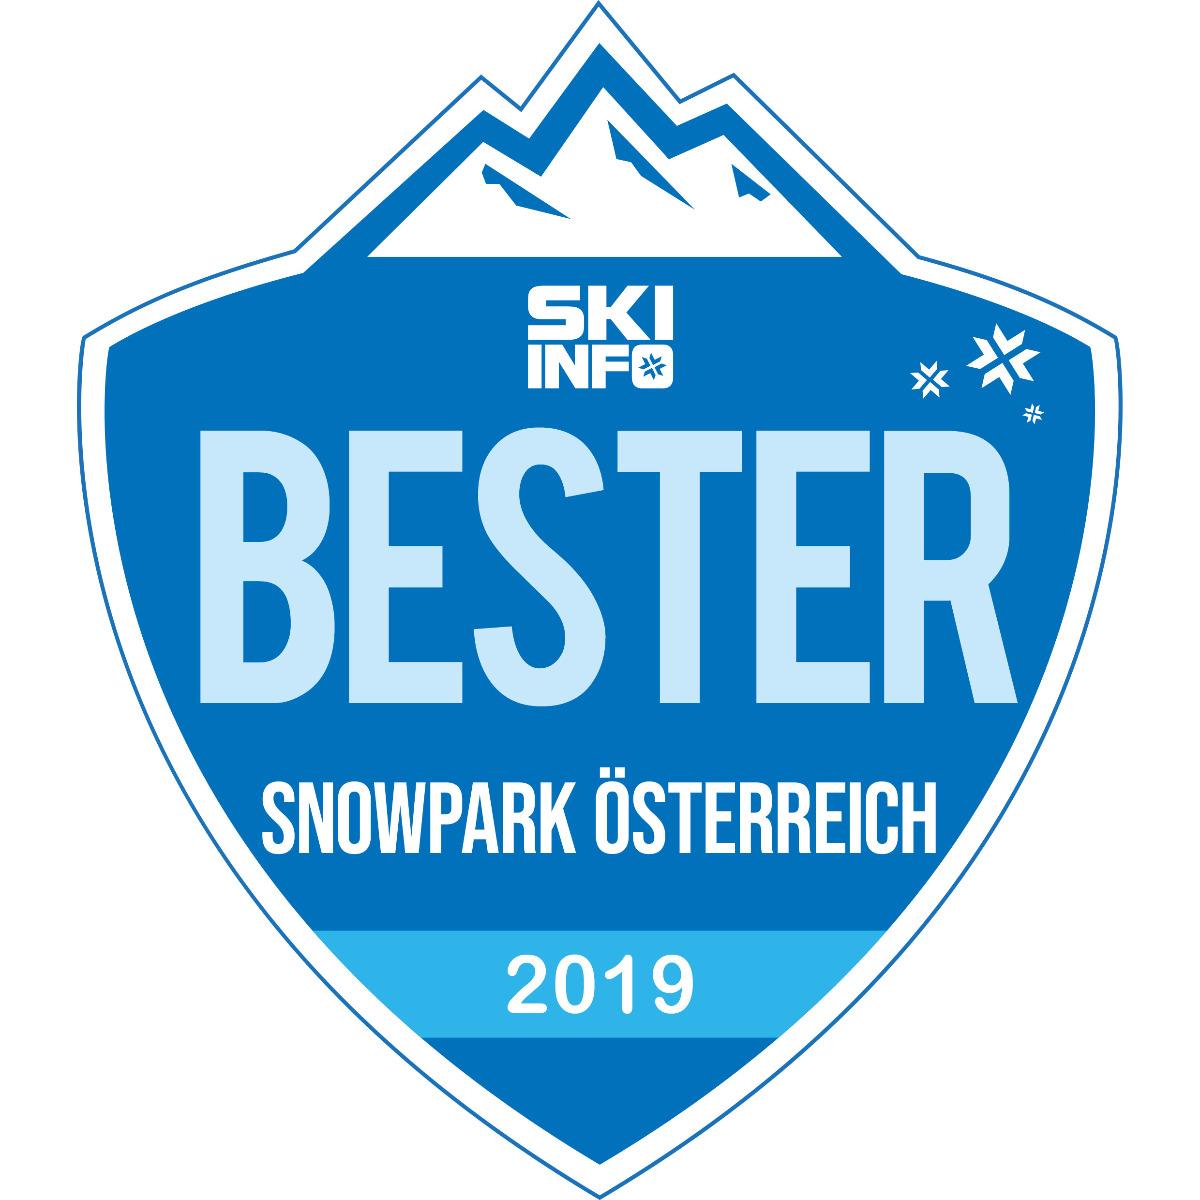 Bester Snowpark in Österreich 2018/2019